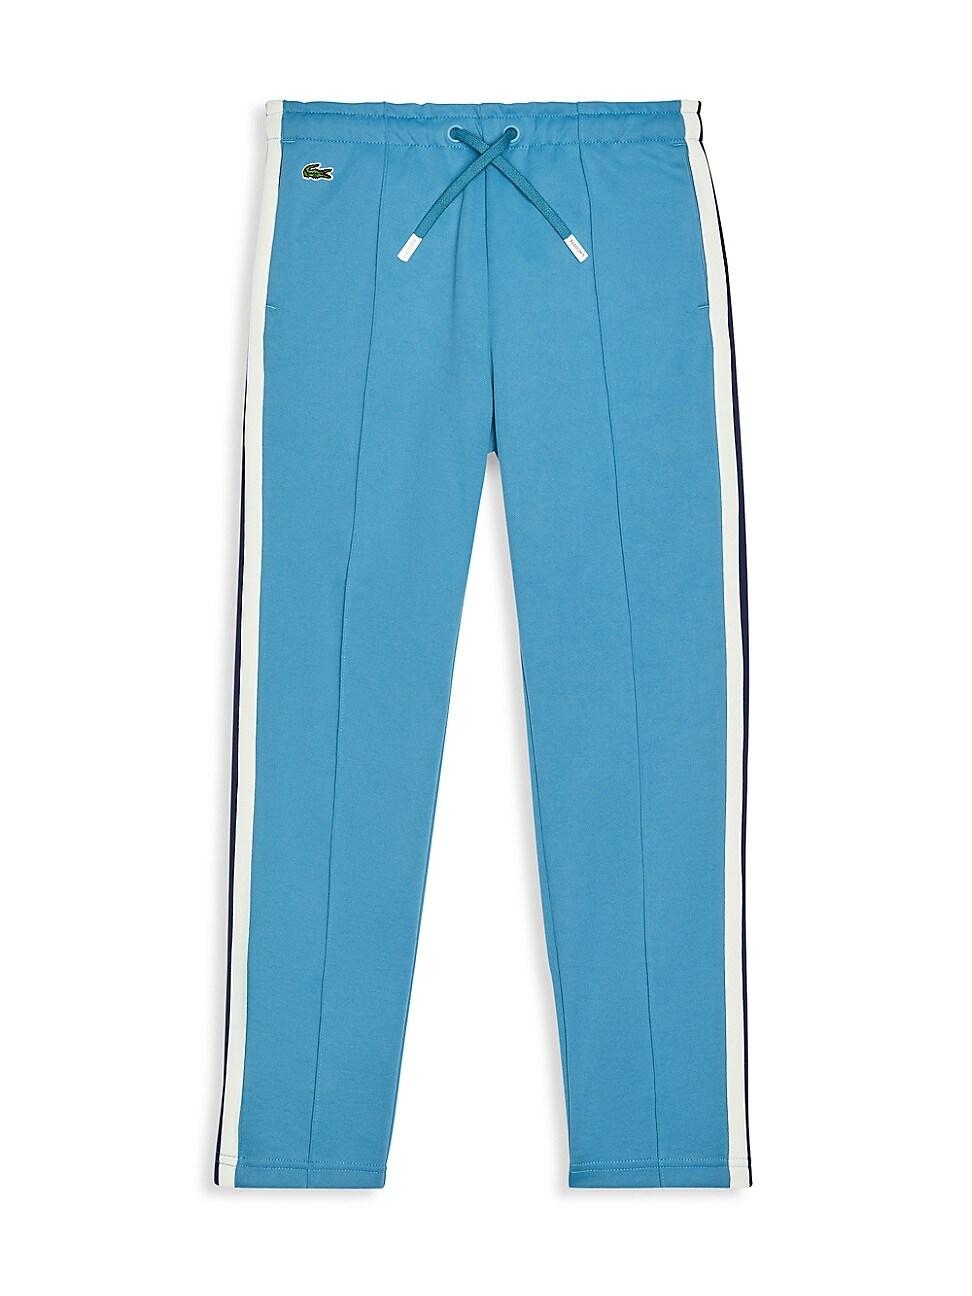 Lacoste Cottons LITTLE BOY'S & BOY'S SIDE-STRIPE INTERLOCK TRACK PANTS